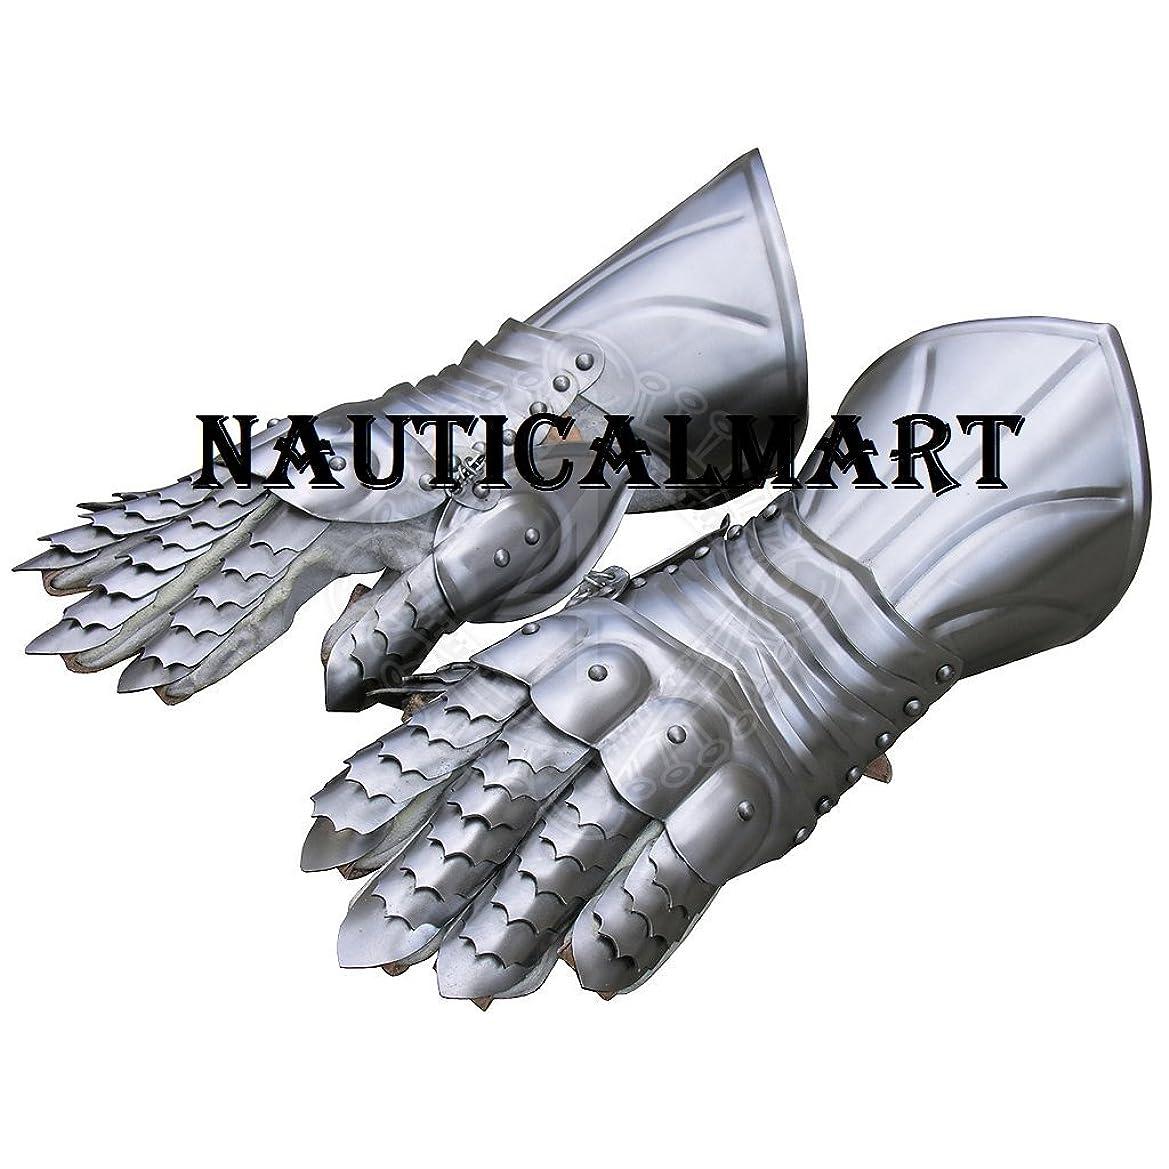 道遺伝子ボイコットNAUTICALMART 中世の騎士 スチールアーマー手袋